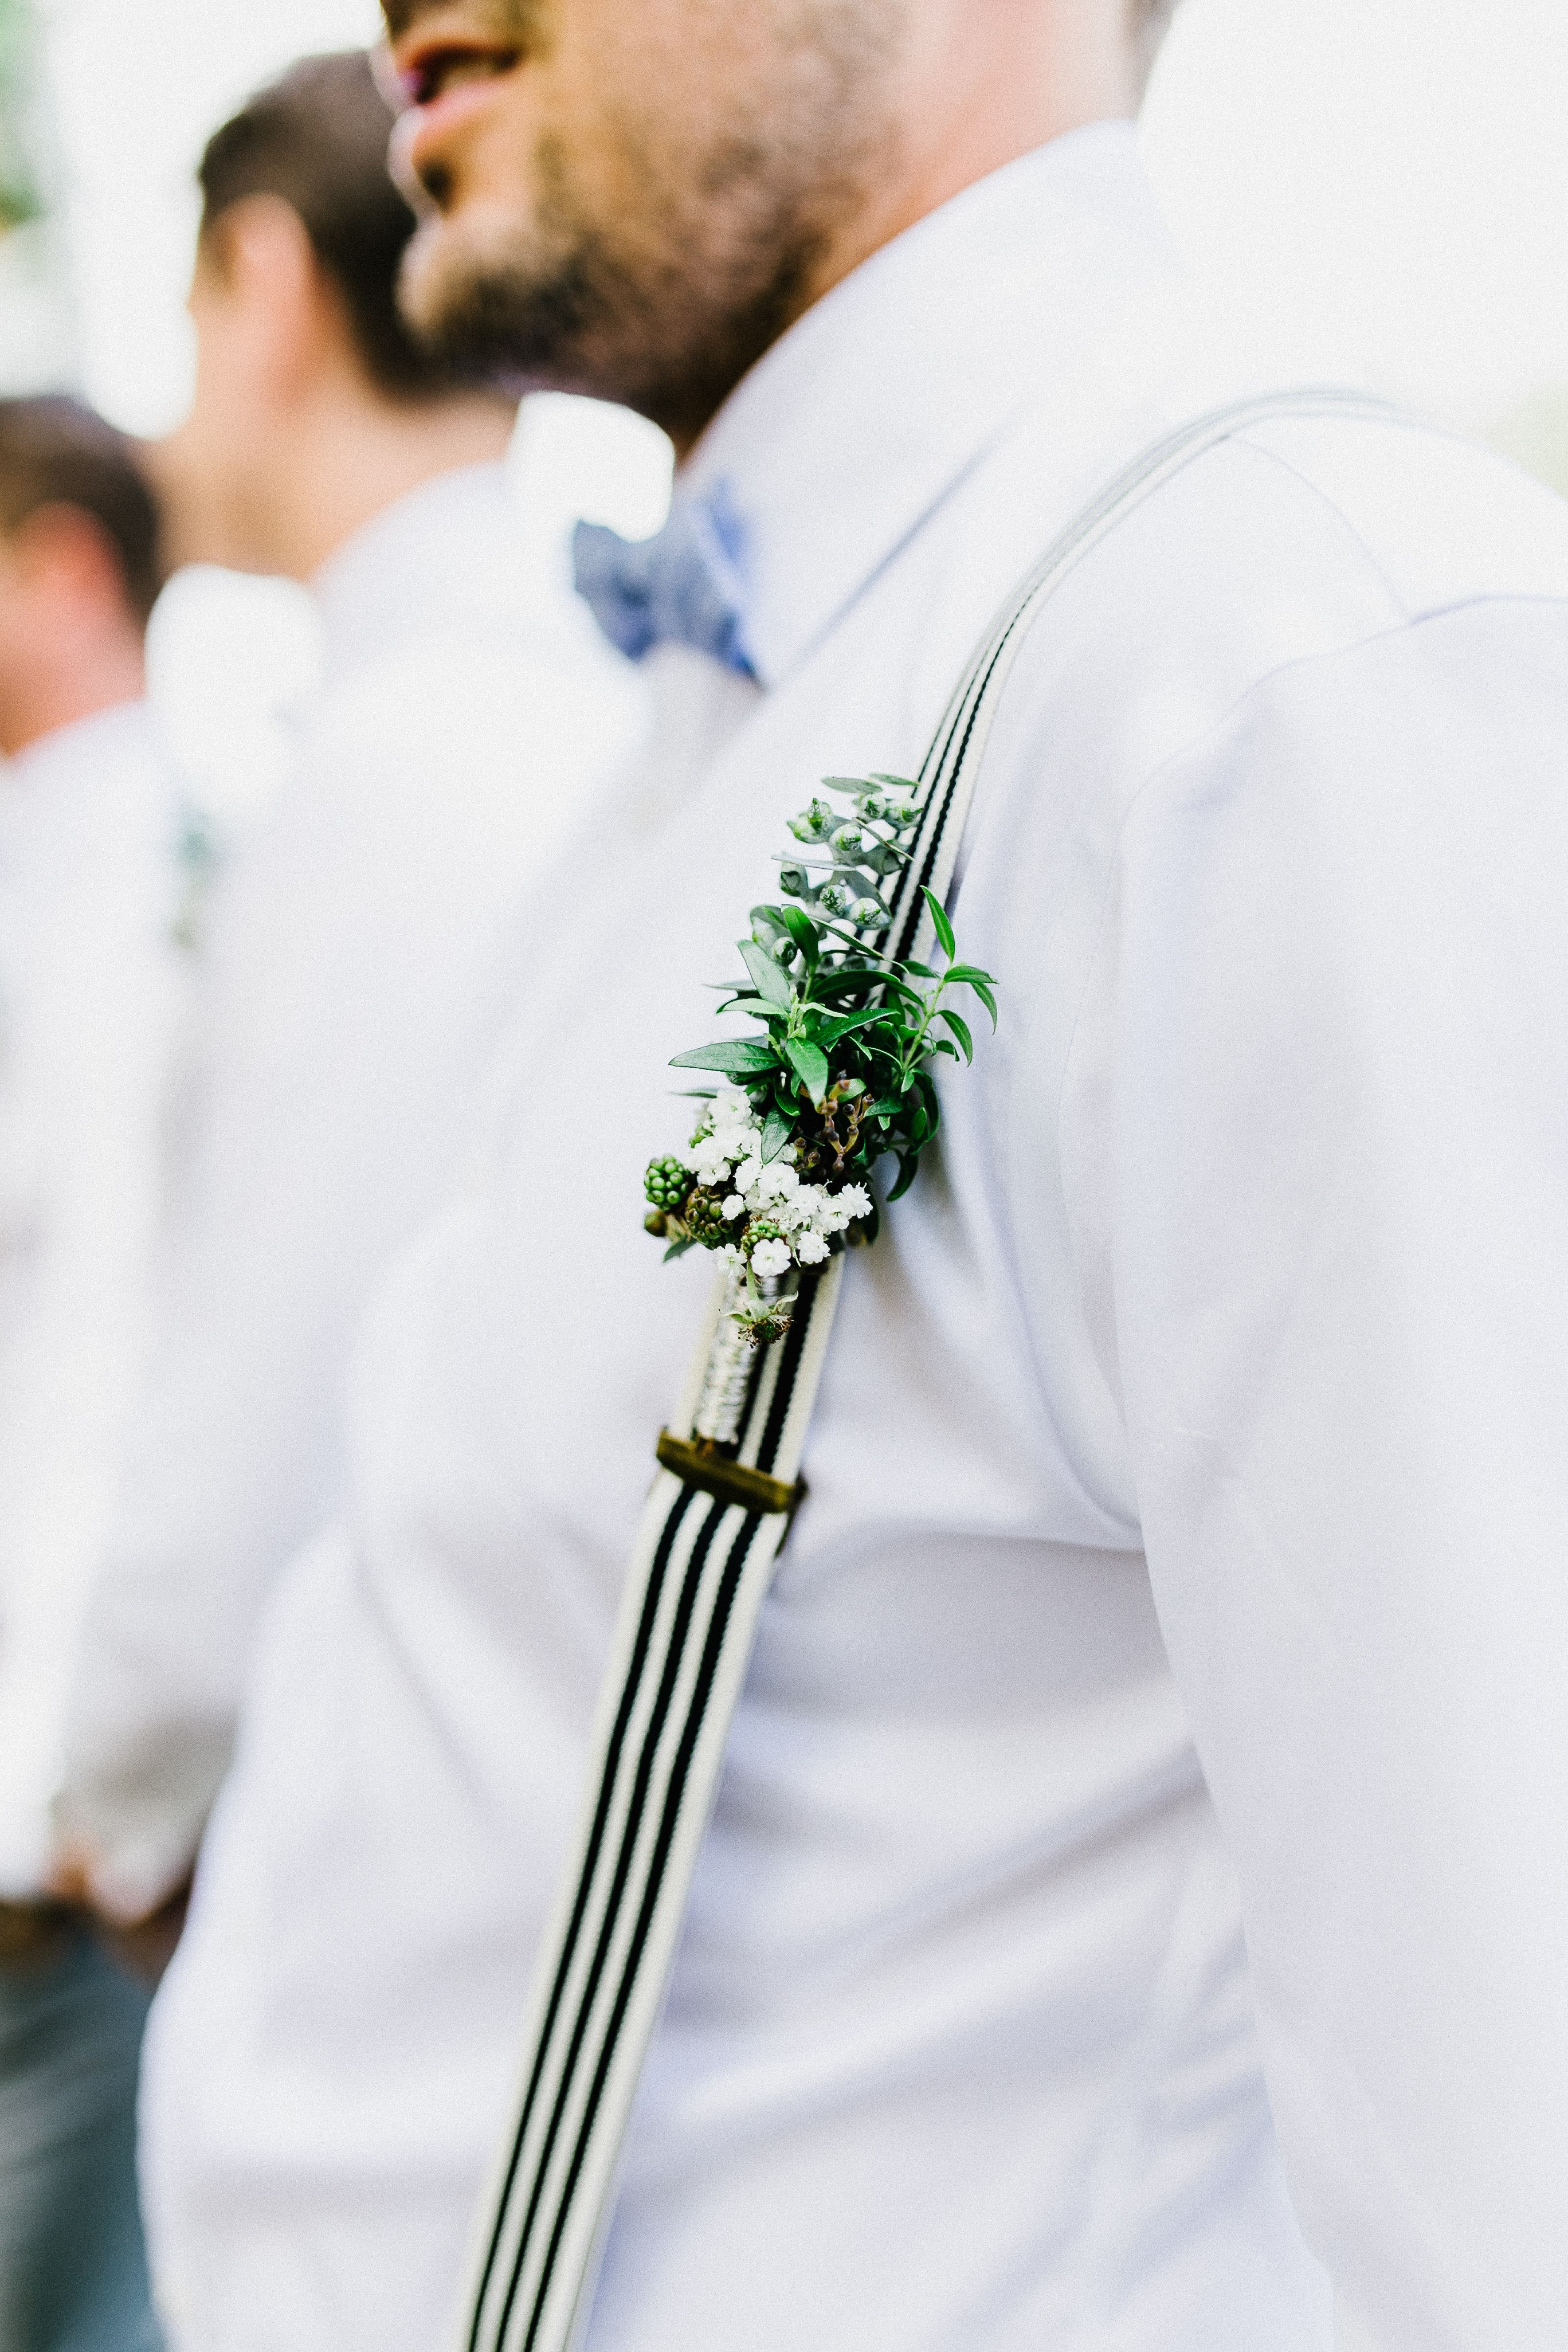 Real Wedding Bohemian Rustic Rustikale Bohemian Hochzeit In Einer Scheune Mit Trauung Im Freien Anstecker Fur Den Tra Hochzeit Anstecker Hochzeit Trauzeuge